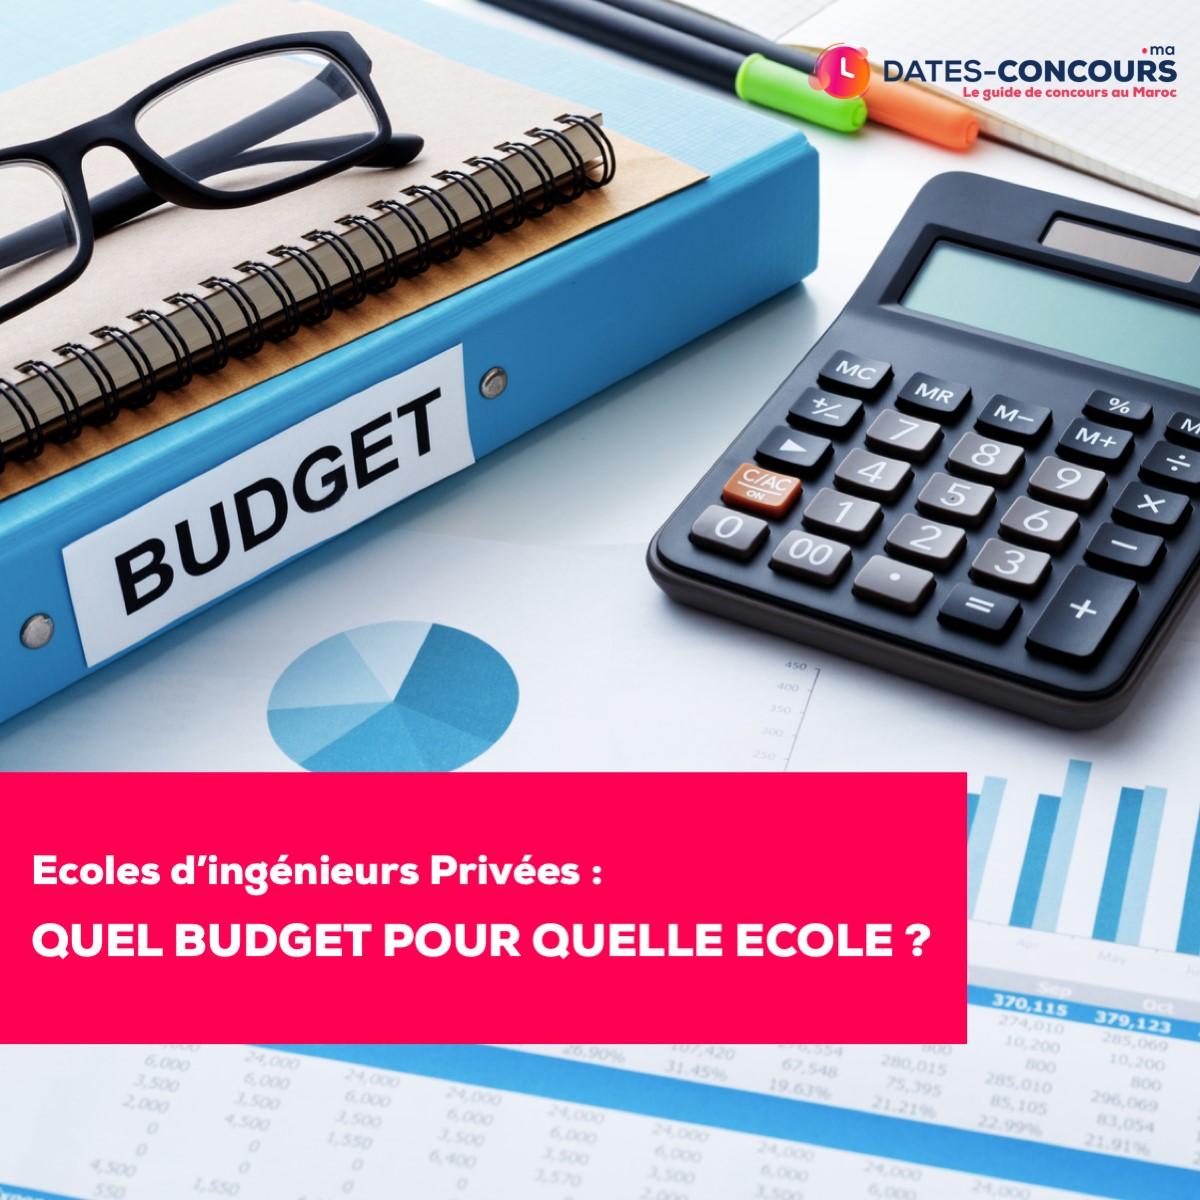 Écoles d'ingénieurs : Quel budget pour quelle école ?